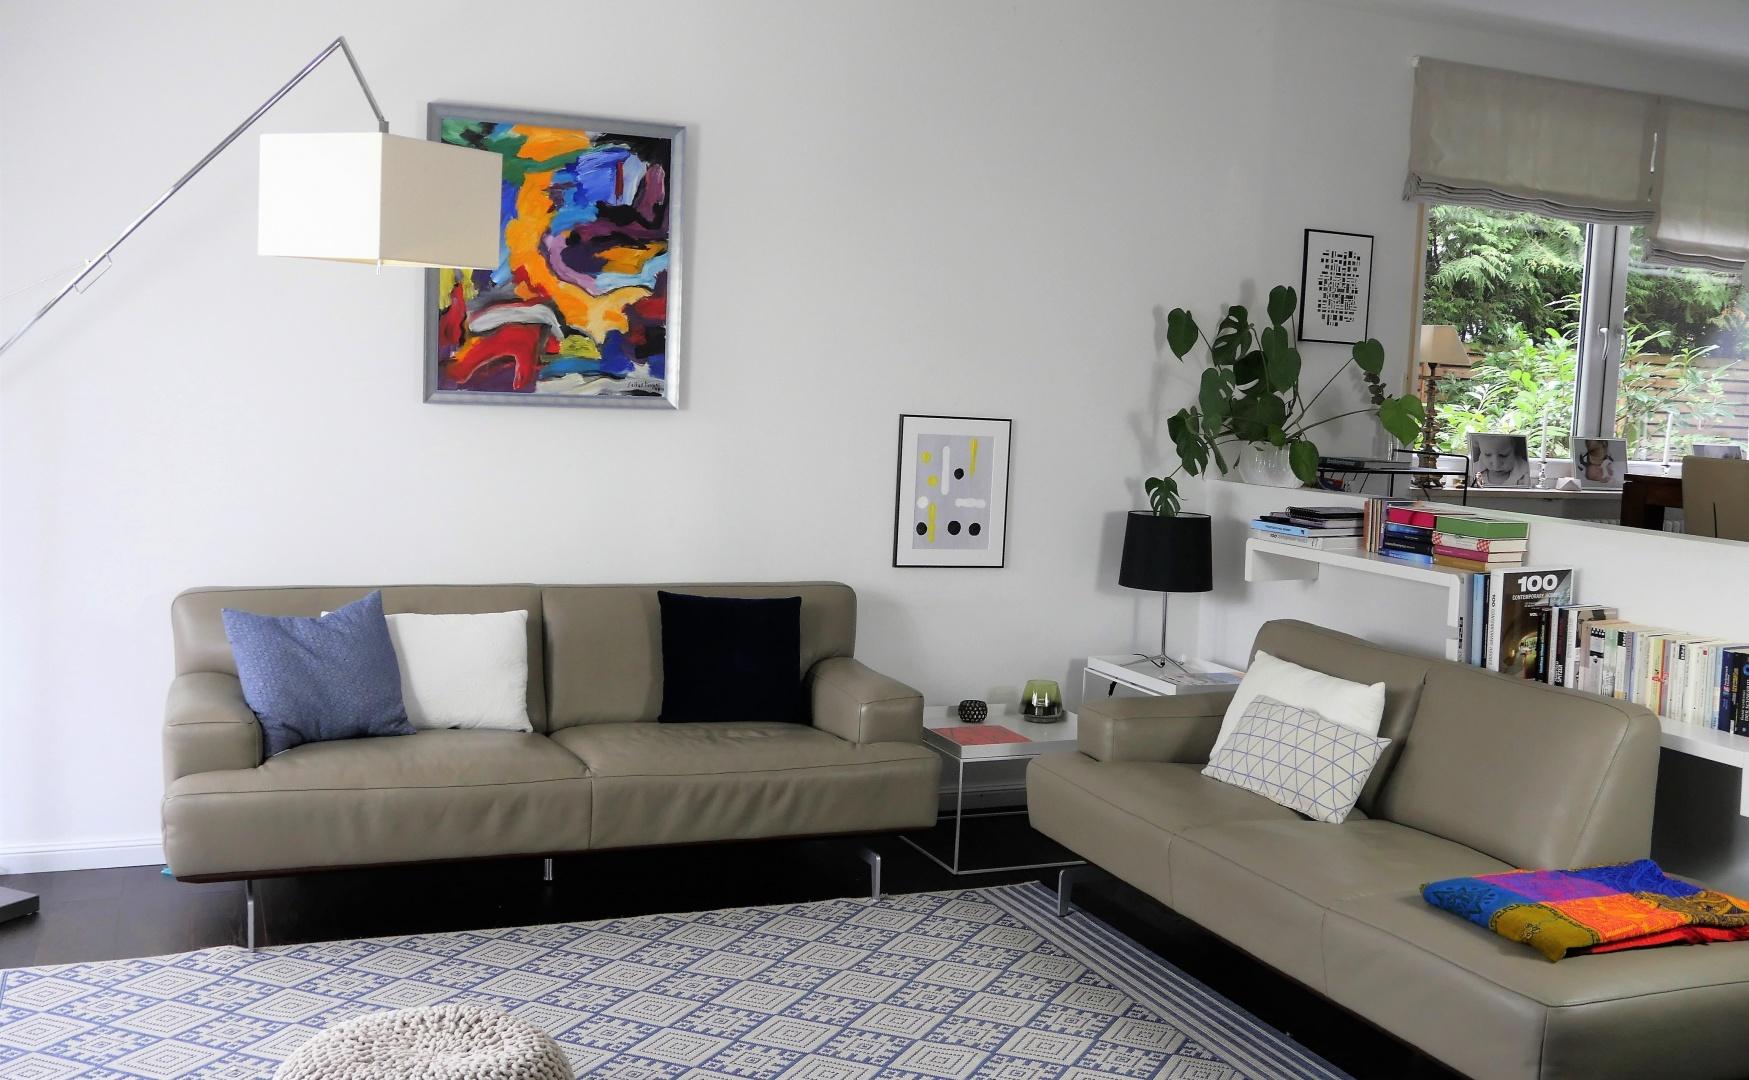 Das Einzige Was Von Anfang An Da War, Ist Das Abstrakte Leinwandbild über  Der Couch. Und Dieses Hat Auch Eine Eigene Geschichte!